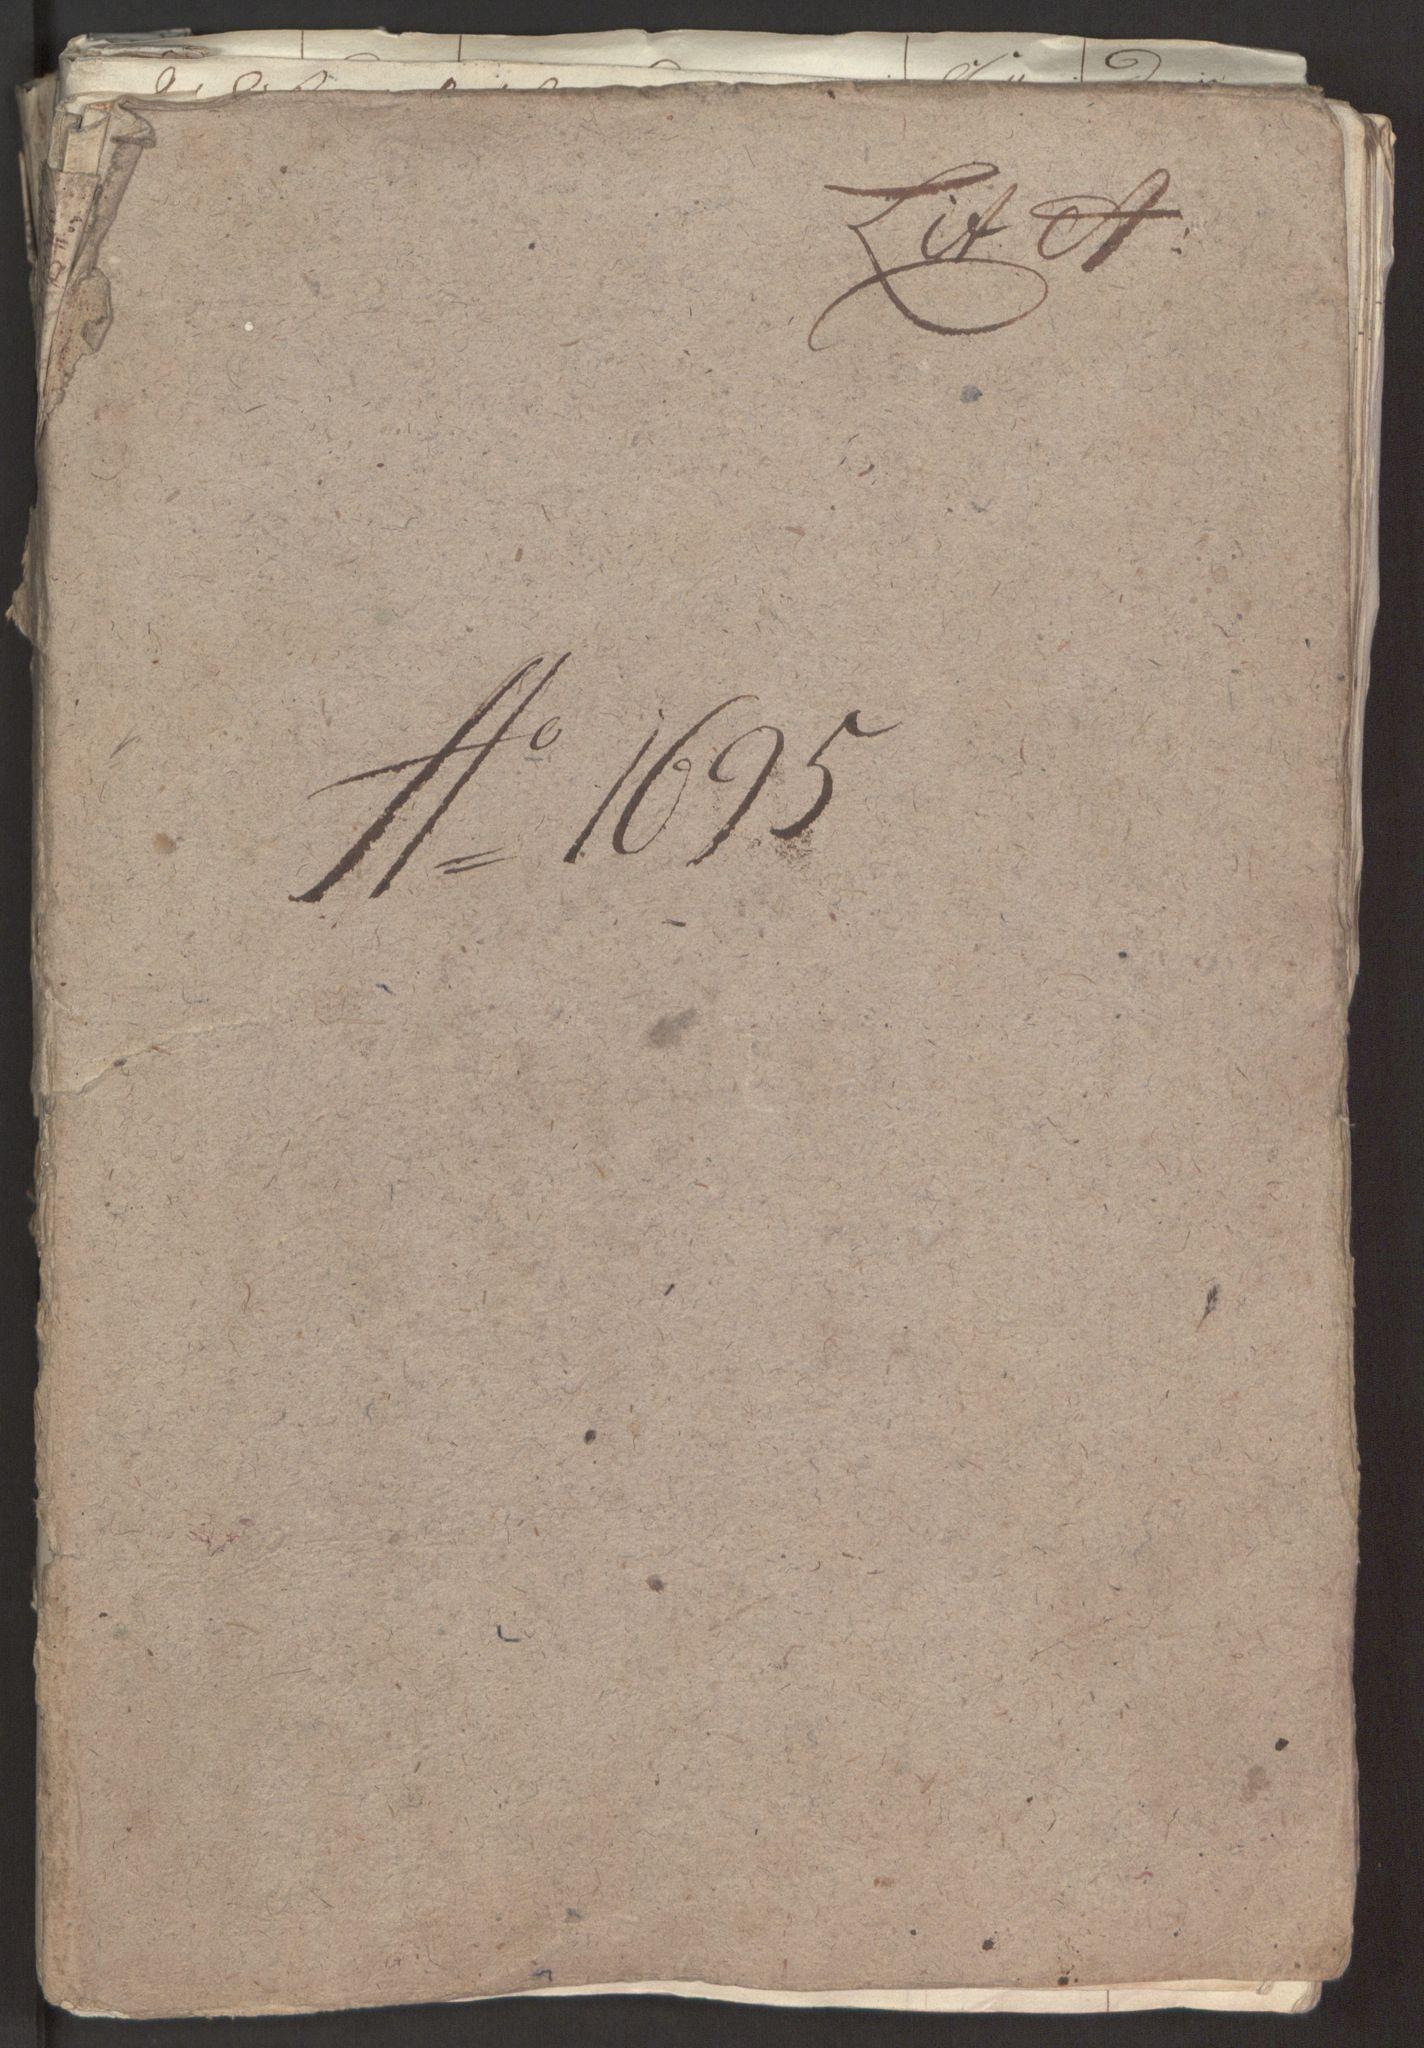 RA, Rentekammeret inntil 1814, Reviderte regnskaper, Fogderegnskap, R52/L3308: Fogderegnskap Sogn, 1695, s. 19